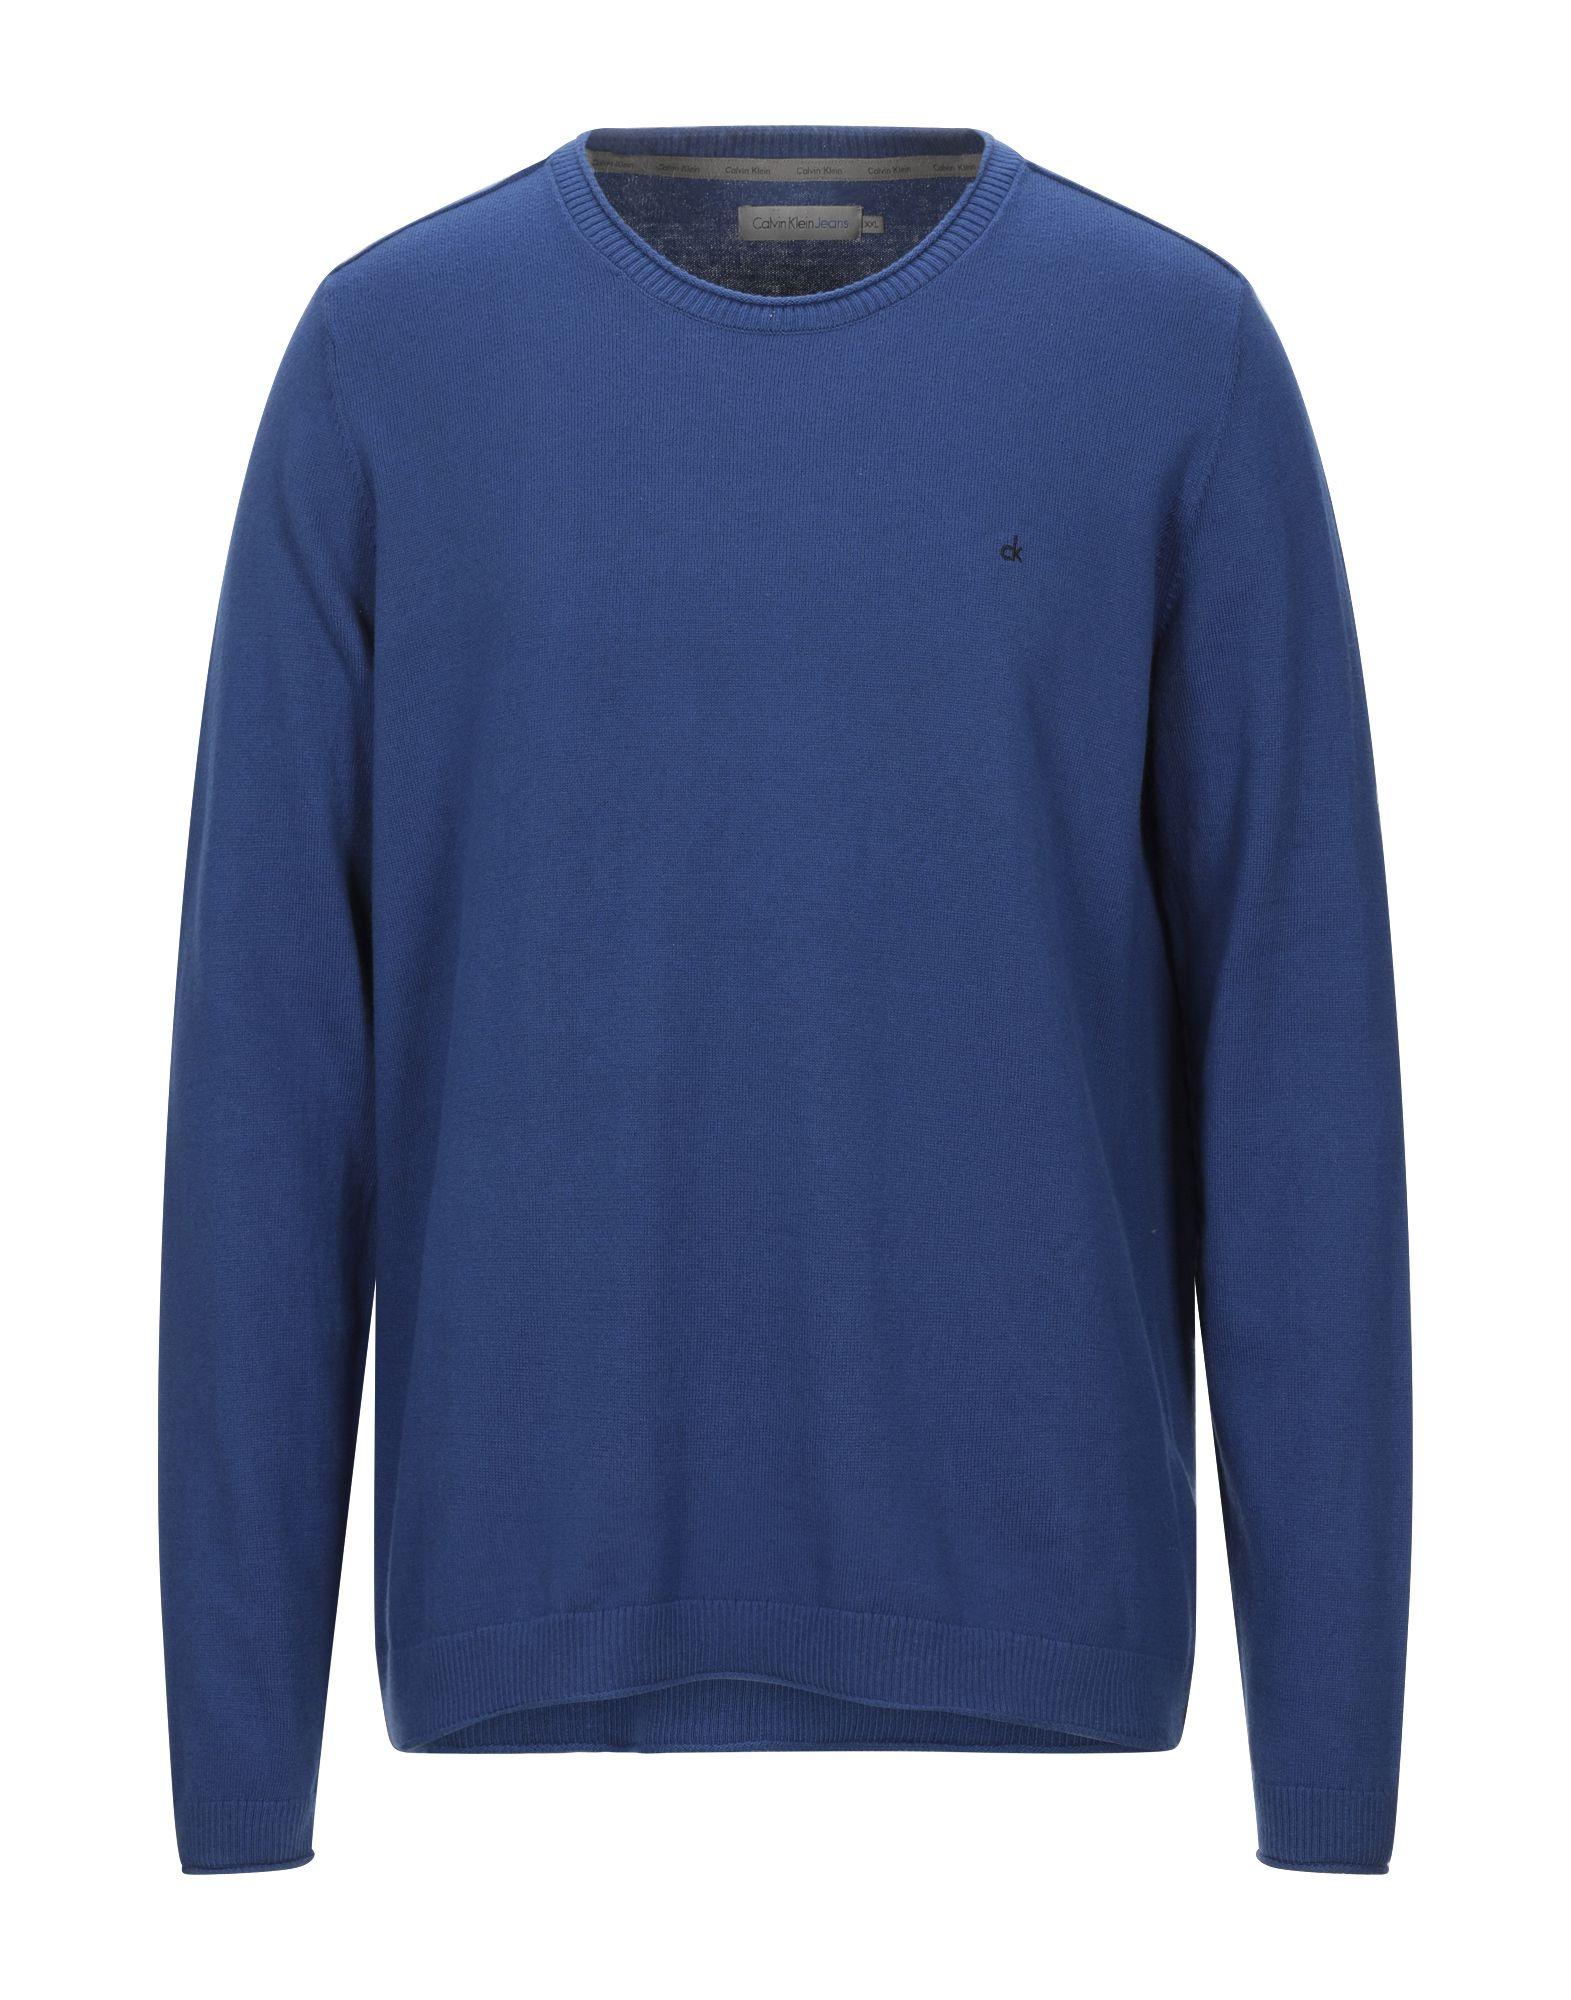 джемпер женский calvin klein jeans цвет серый j20j208528 0390 размер xs 40 42 CALVIN KLEIN JEANS Свитер